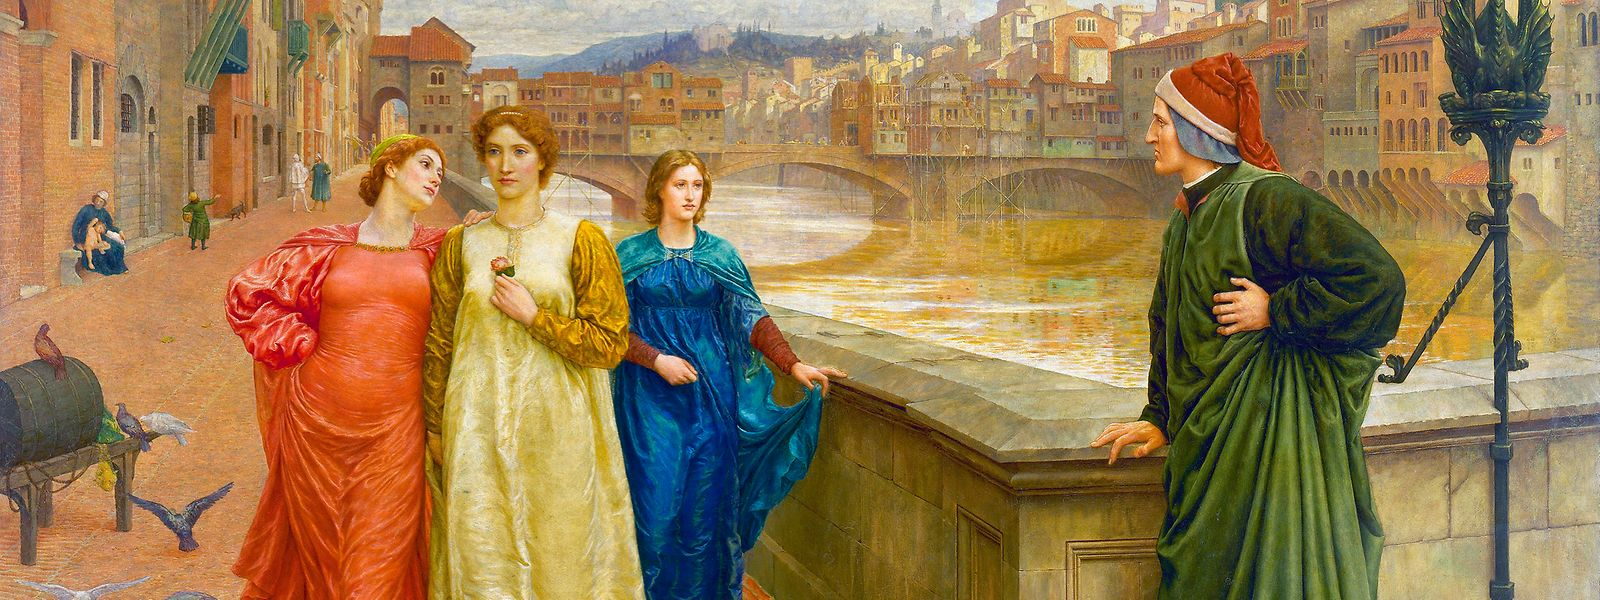 """""""Dante und Beatrice"""" (1882-1884) ist das bedeutendste Werk des britischen Malers Henry Holiday (1839-1927). Das Thema des Gemäldes ist inspiriert von Dantes Autobiografie """"Vita Nuova"""". Auf dem Ölgemälde ist die Szene dargestellt, in der Beatrice sich weigert, Dante zu begrüßen, weil der Klatsch sie erreicht hatte. Beatrice ist die hell gekleidete Frau in der Mitte."""